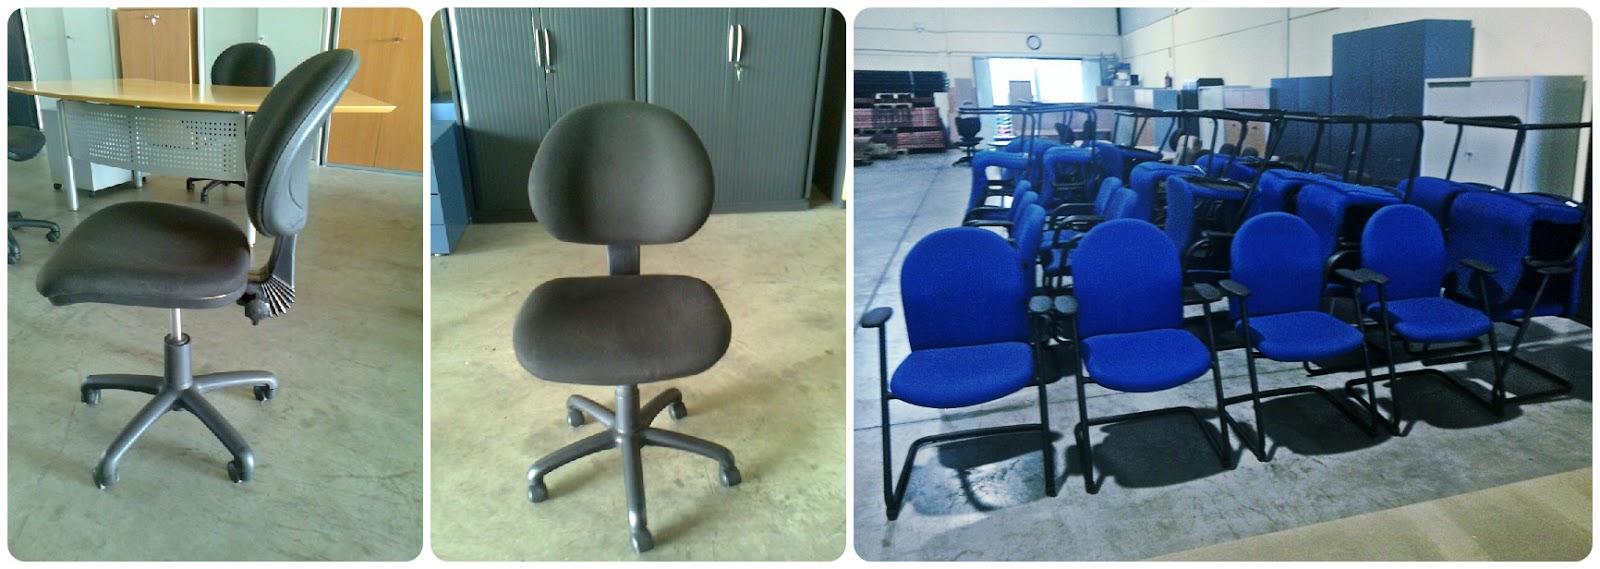 Estanter as met licas y muebles de oficina mobiliario de - Estanterias metalicas en cordoba ...